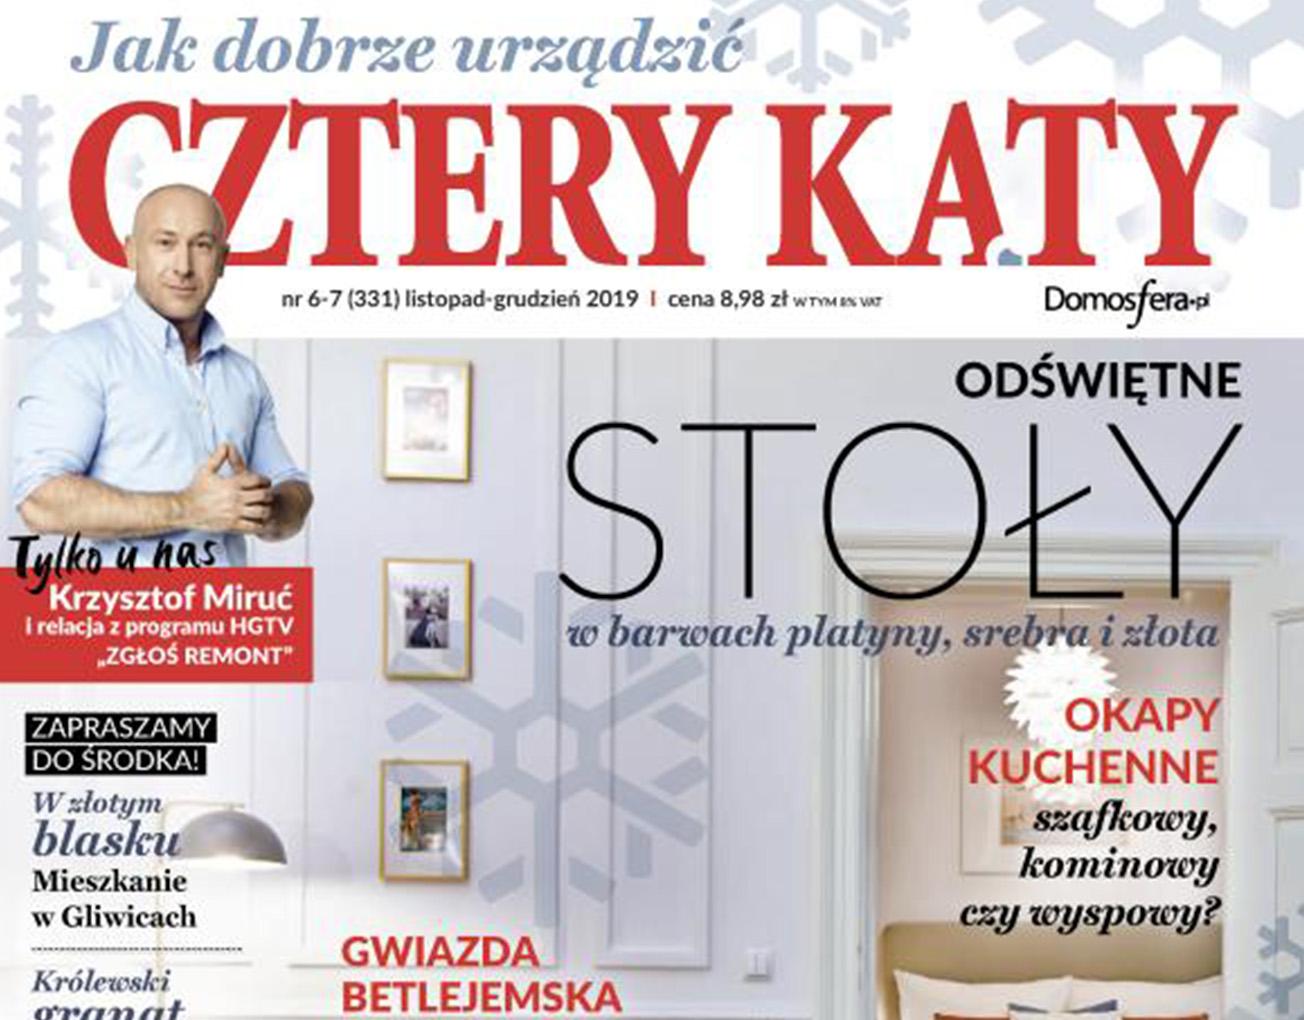 Produkty Red Lychee w magazynie Cztery Kąty - www.red-lychee.pl